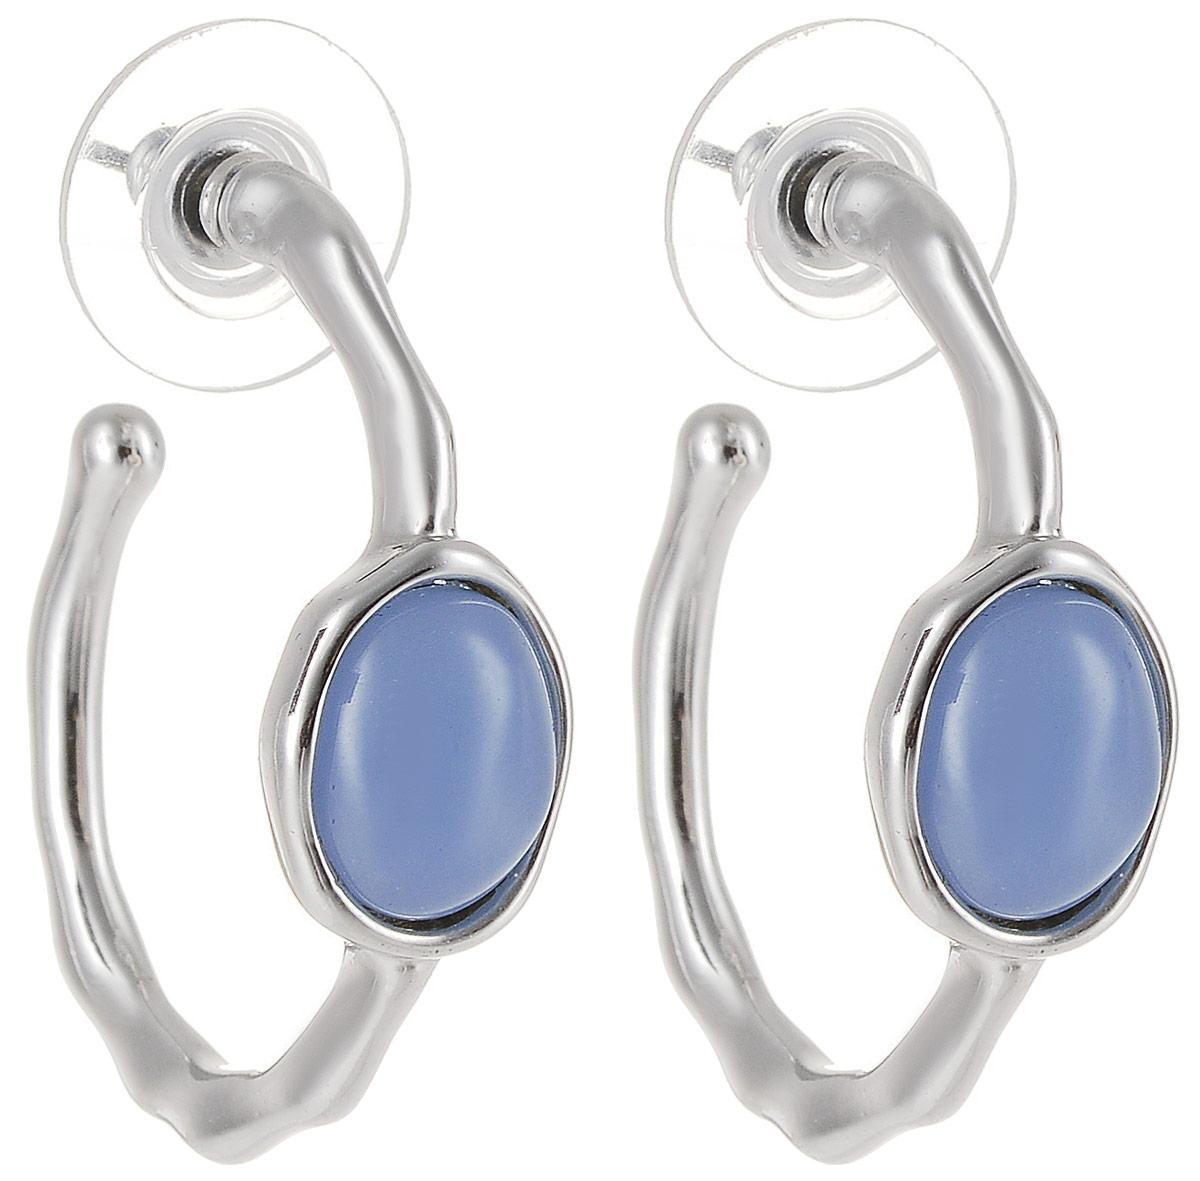 Серьги Art-Silver, цвет: серебряный. 5078-405Серьги с подвескамиСтильные серьги Art-Silver выполнены из бижутерного сплава. Серьги оформлены оригинальными декоративными вставками. Серьги выполнены с замками-гвоздиками. Такие серьги будут ярким дополнением вашего образа.